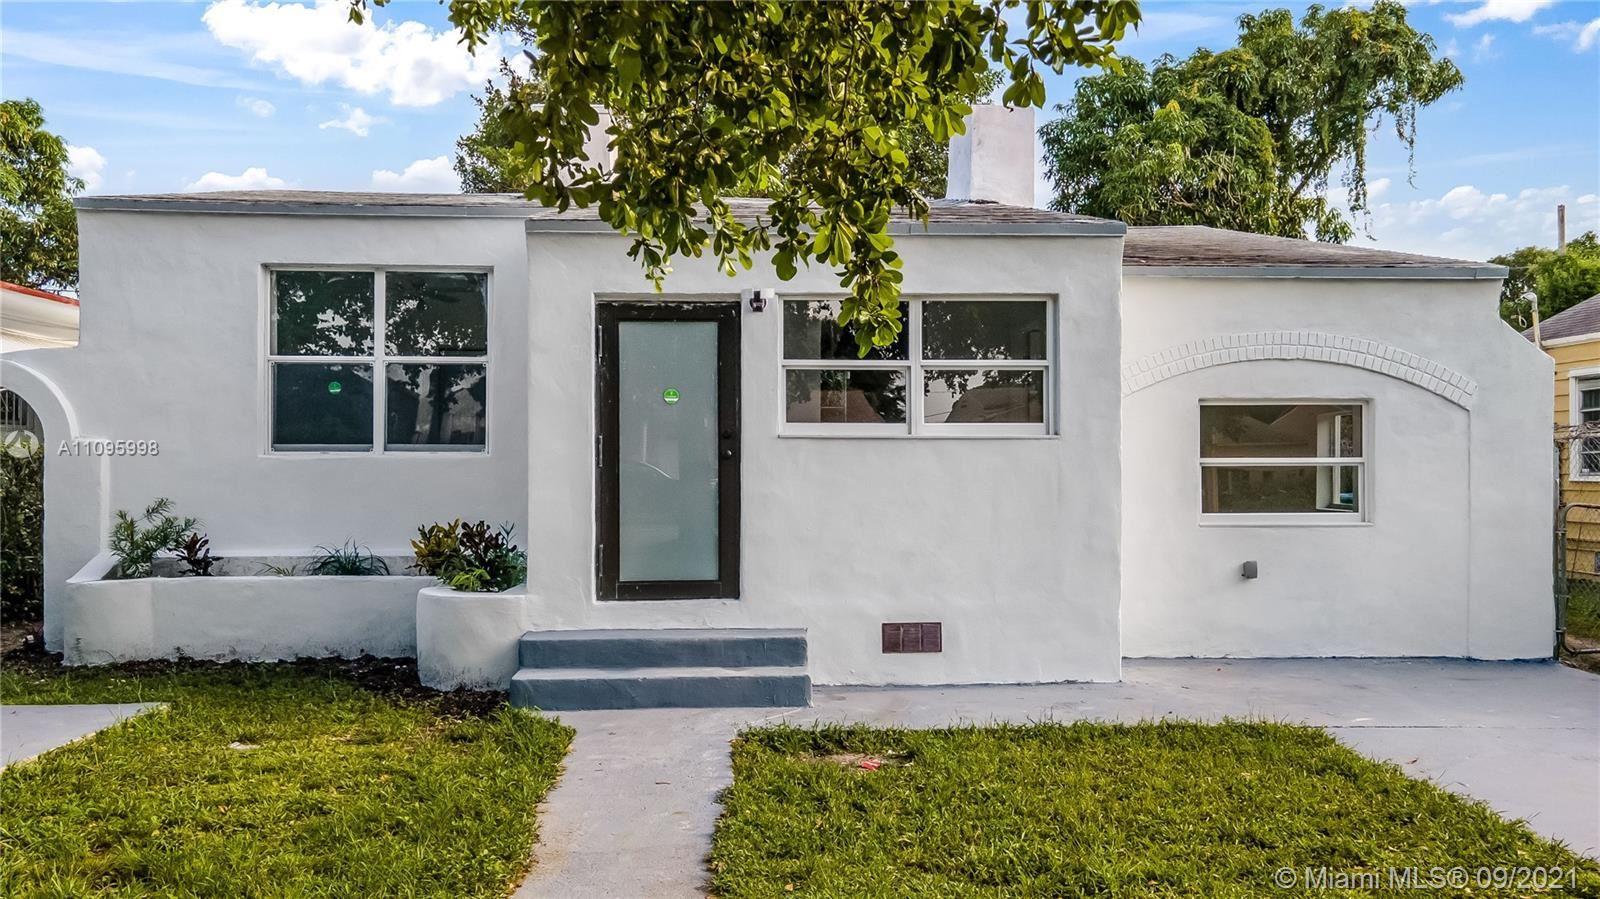 928 NW 46th St, Miami, FL 33127 - #: A11095998